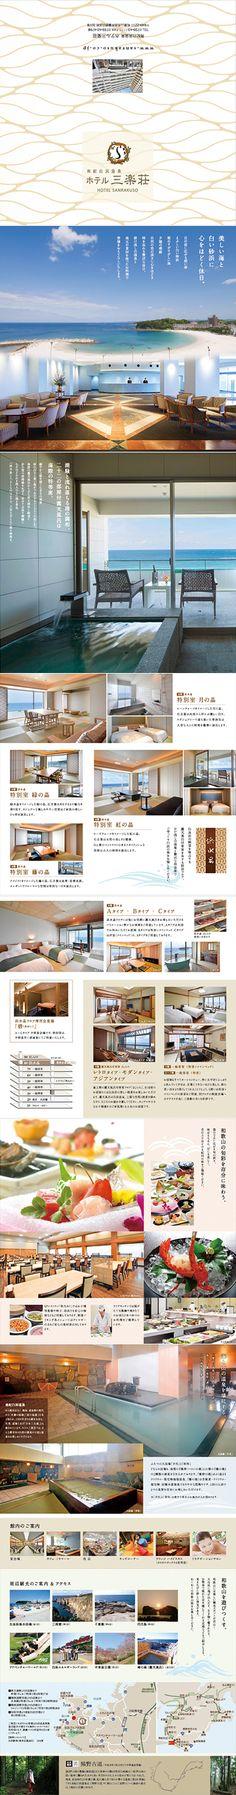 南紀白浜 ホテル三楽荘様 パンフレット制作 2017.5 Web Design, Hotels, Design Web, Website Designs, Site Design